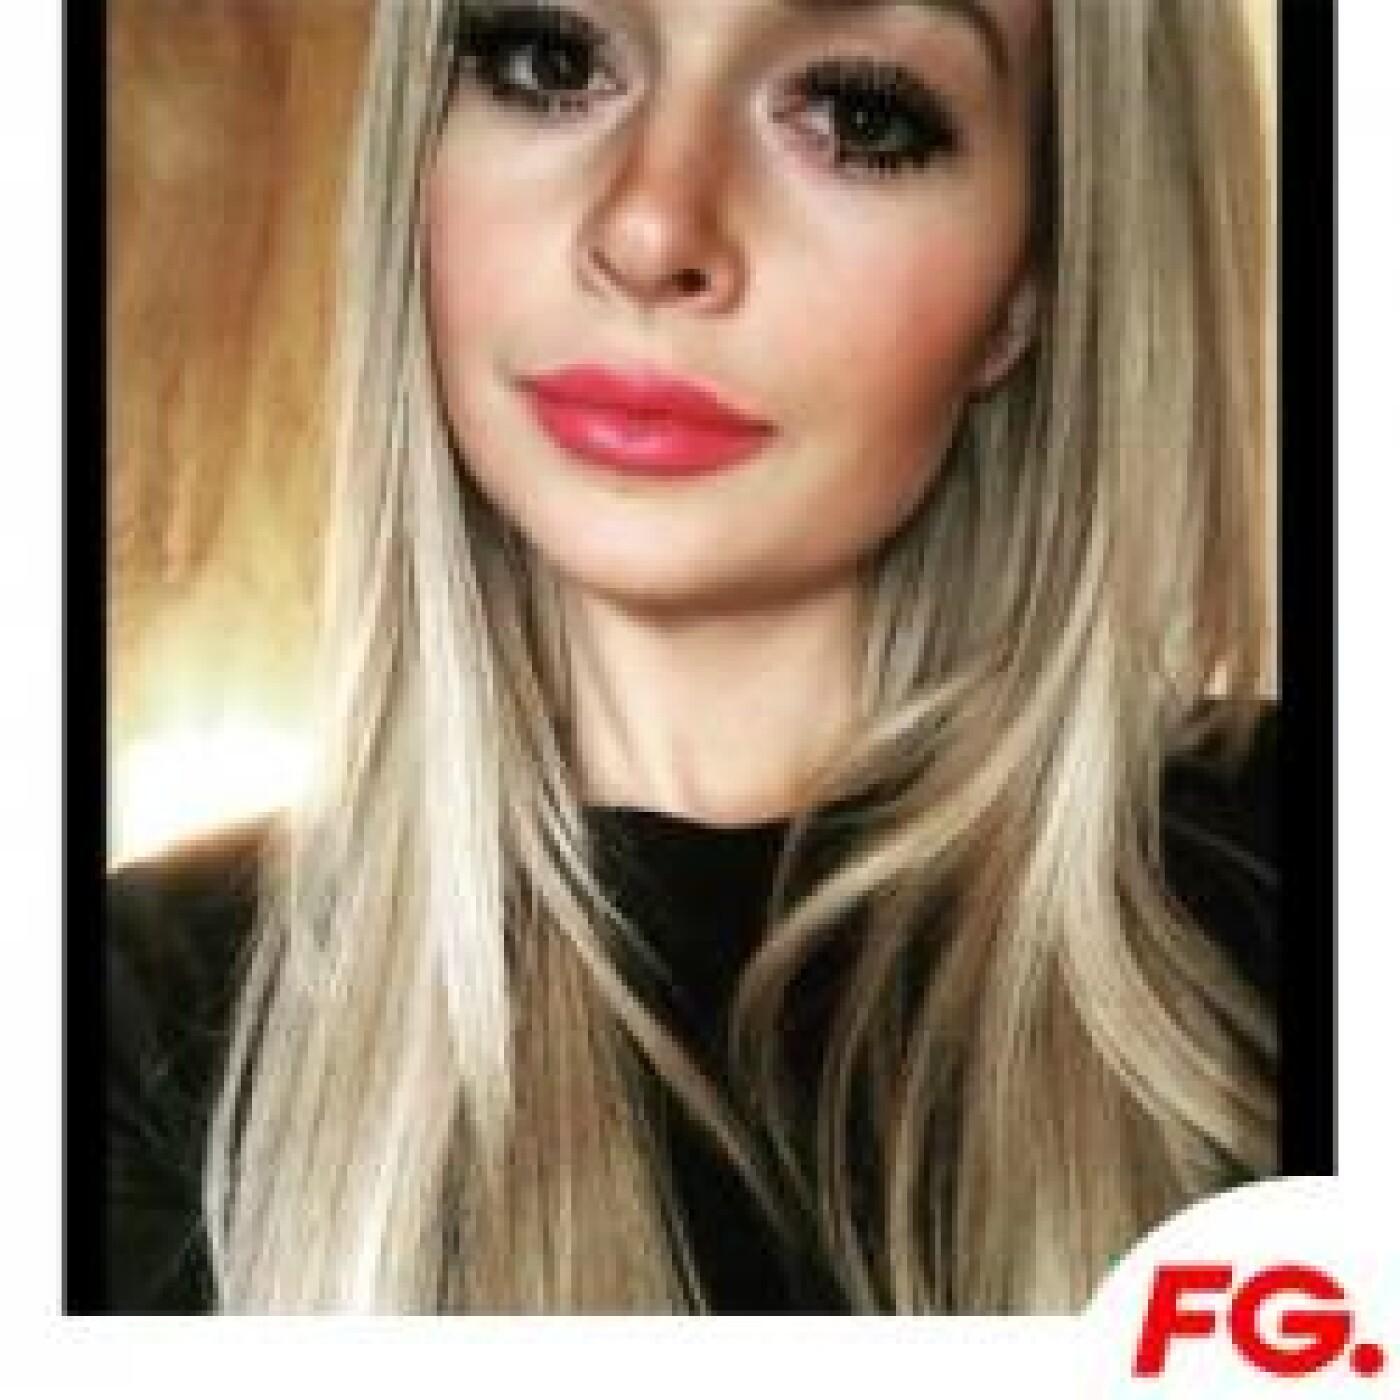 CLUB FG : JESSI KAY